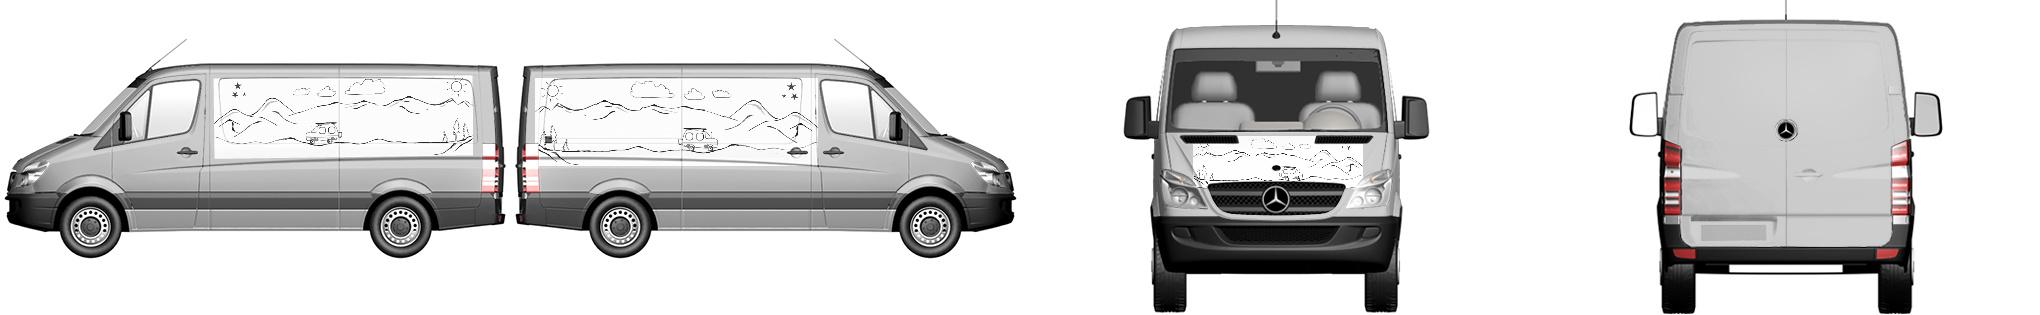 Van Wrap #53340